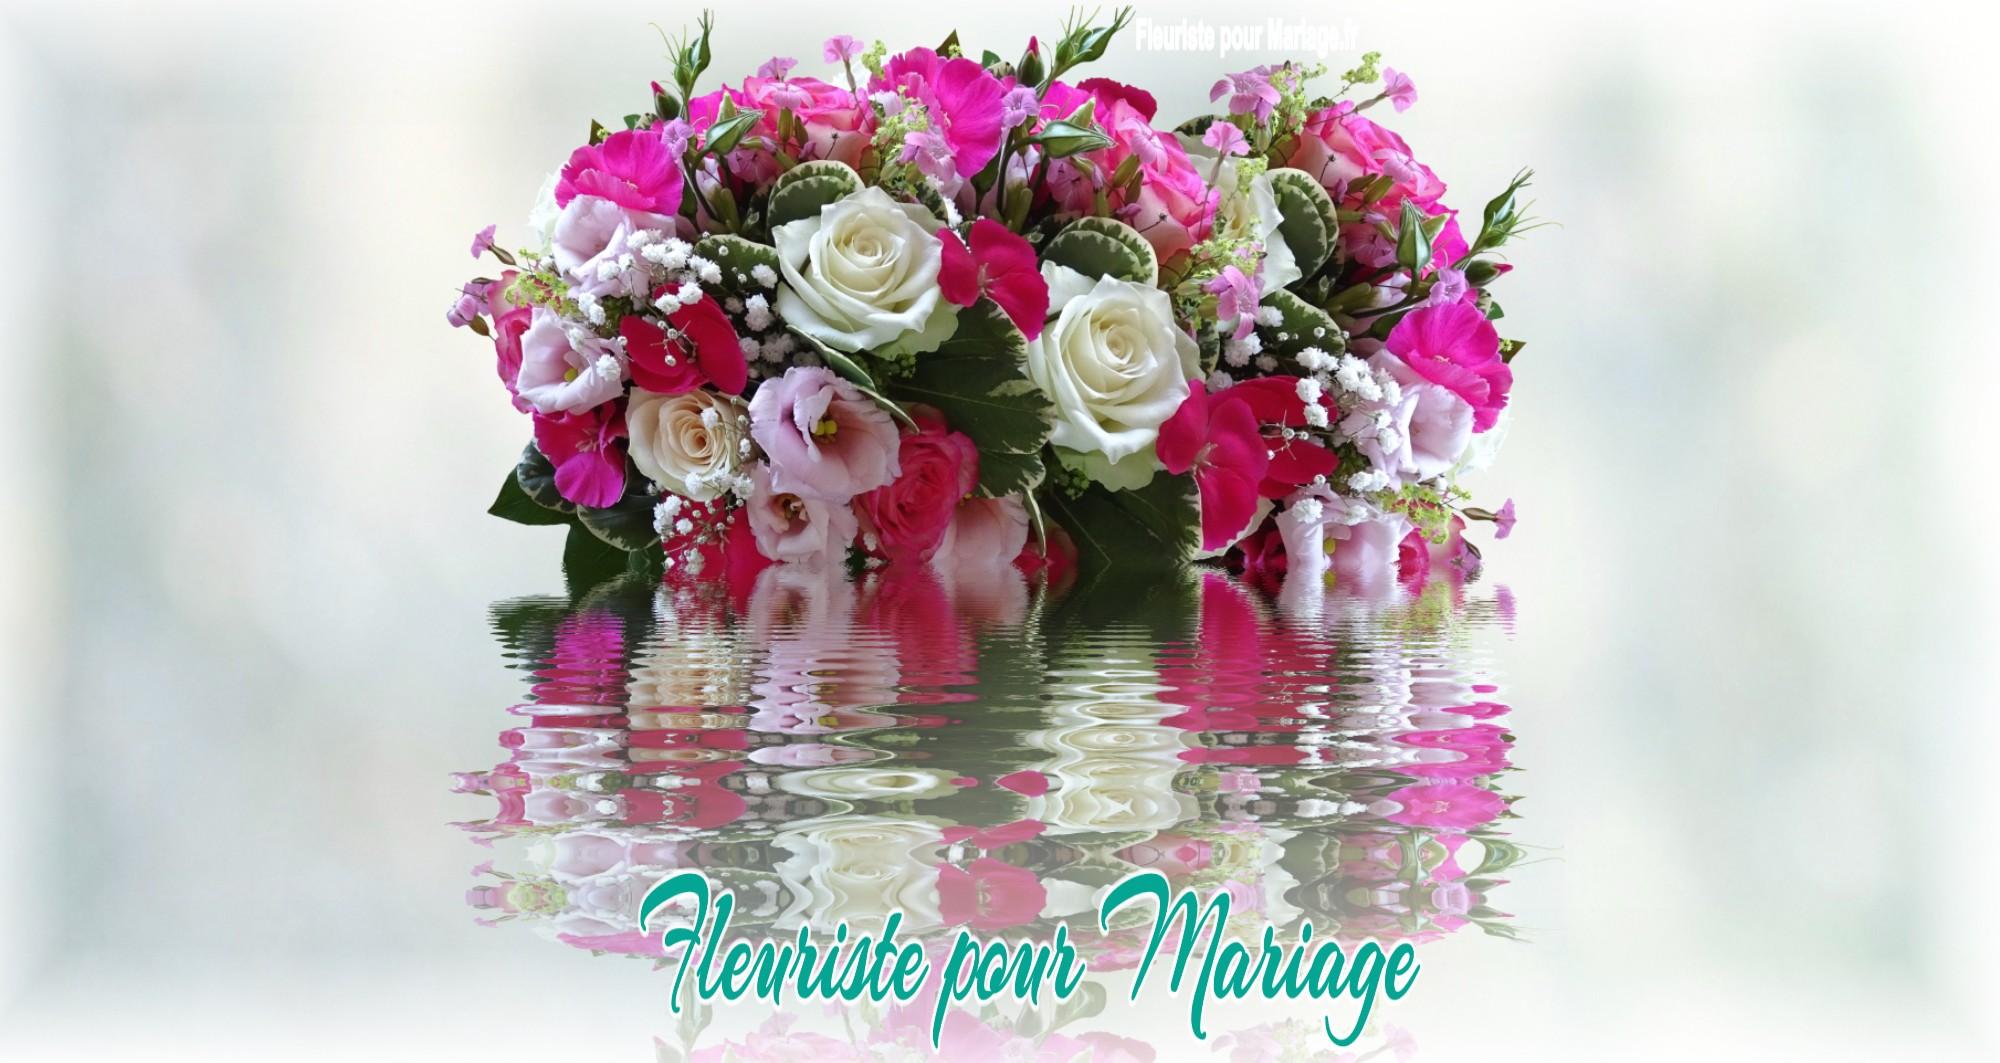 AUTRES SERVICES MARIAGE TRAITEUR - FLEURISTE MARIAGE WEDDING PLANNER Aiglun ,FLEURISTE WEDDING PLANNER Amirat ,FLEURISTE WEDDING PLANNER Andon ,FLEURISTE WEDDING PLANNER Antibes ,FLEURISTE WEDDING PLANNER Ascros ,FLEURISTE WEDDING PLANNER Aspremont ,FLEURISTE WEDDING PLANNER Auribeau-sur-Siagne ,FLEURISTE WEDDING PLANNER Auvare ,FLEURISTE WEDDING PLANNER Bairols ,FLEURISTE WEDDING PLANNER Beaulieu-sur-Mer ,FLEURISTE WEDDING PLANNER Beausoleil ,FLEURISTE WEDDING PLANNER Belvédère ,FLEURISTE WEDDING PLANNER Bendejun ,FLEURISTE WEDDING PLANNER Berre-les-Alpes ,FLEURISTE WEDDING PLANNER Beuil ,FLEURISTE WEDDING PLANNER Biot ,FLEURISTE WEDDING PLANNER Blausasc ,FLEURISTE WEDDING PLANNER Bonson ,FLEURISTE WEDDING PLANNER Bouyon ,FLEURISTE WEDDING PLANNER Breil-sur-Roya ,FLEURISTE WEDDING PLANNER Briançonnet ,FLEURISTE WEDDING PLANNER Bézaudun-les-Alpes ,FLEURISTE WEDDING PLANNER Cabris ,FLEURISTE WEDDING PLANNER Cagnes-sur-Mer ,FLEURISTE WEDDING PLANNER Caille ,FLEURISTE WEDDING PLANNER Cannes ,FLEURISTE WEDDING PLANNER Cannes la bocca ,FLEURISTE WEDDING PLANNER Cantaron ,FLEURISTE WEDDING PLANNER Cap-d'Ail ,FLEURISTE WEDDING PLANNER Carnoles - Roquebrune-Cap-Martin ,FLEURISTE WEDDING PLANNER Carros ,FLEURISTE WEDDING PLANNER Castagniers ,FLEURISTE WEDDING PLANNER Castellar ,FLEURISTE WEDDING PLANNER Castillon ,FLEURISTE WEDDING PLANNER Caussols ,FLEURISTE WEDDING PLANNER Châteauneuf-d'Entraunes ,FLEURISTE WEDDING PLANNER Châteauneuf-Grasse ,FLEURISTE WEDDING PLANNER Châteauneuf-Villevieille ,FLEURISTE WEDDING PLANNER Cipières ,FLEURISTE WEDDING PLANNER Clans ,FLEURISTE WEDDING PLANNER Coaraze ,FLEURISTE WEDDING PLANNER Collongues ,FLEURISTE WEDDING PLANNER Colomars ,FLEURISTE WEDDING PLANNER Conségudes ,FLEURISTE WEDDING PLANNER Contes ,FLEURISTE WEDDING PLANNER Courmes ,FLEURISTE WEDDING PLANNER Coursegoules ,FLEURISTE WEDDING PLANNER Cuébris ,FLEURISTE WEDDING PLANNER Daluis ,FLEURISTE WEDDING PLANNER Drap ,FLEURISTE WEDDING PLANNER Duranus ,FLEURISTE WEDDING PLANNER E